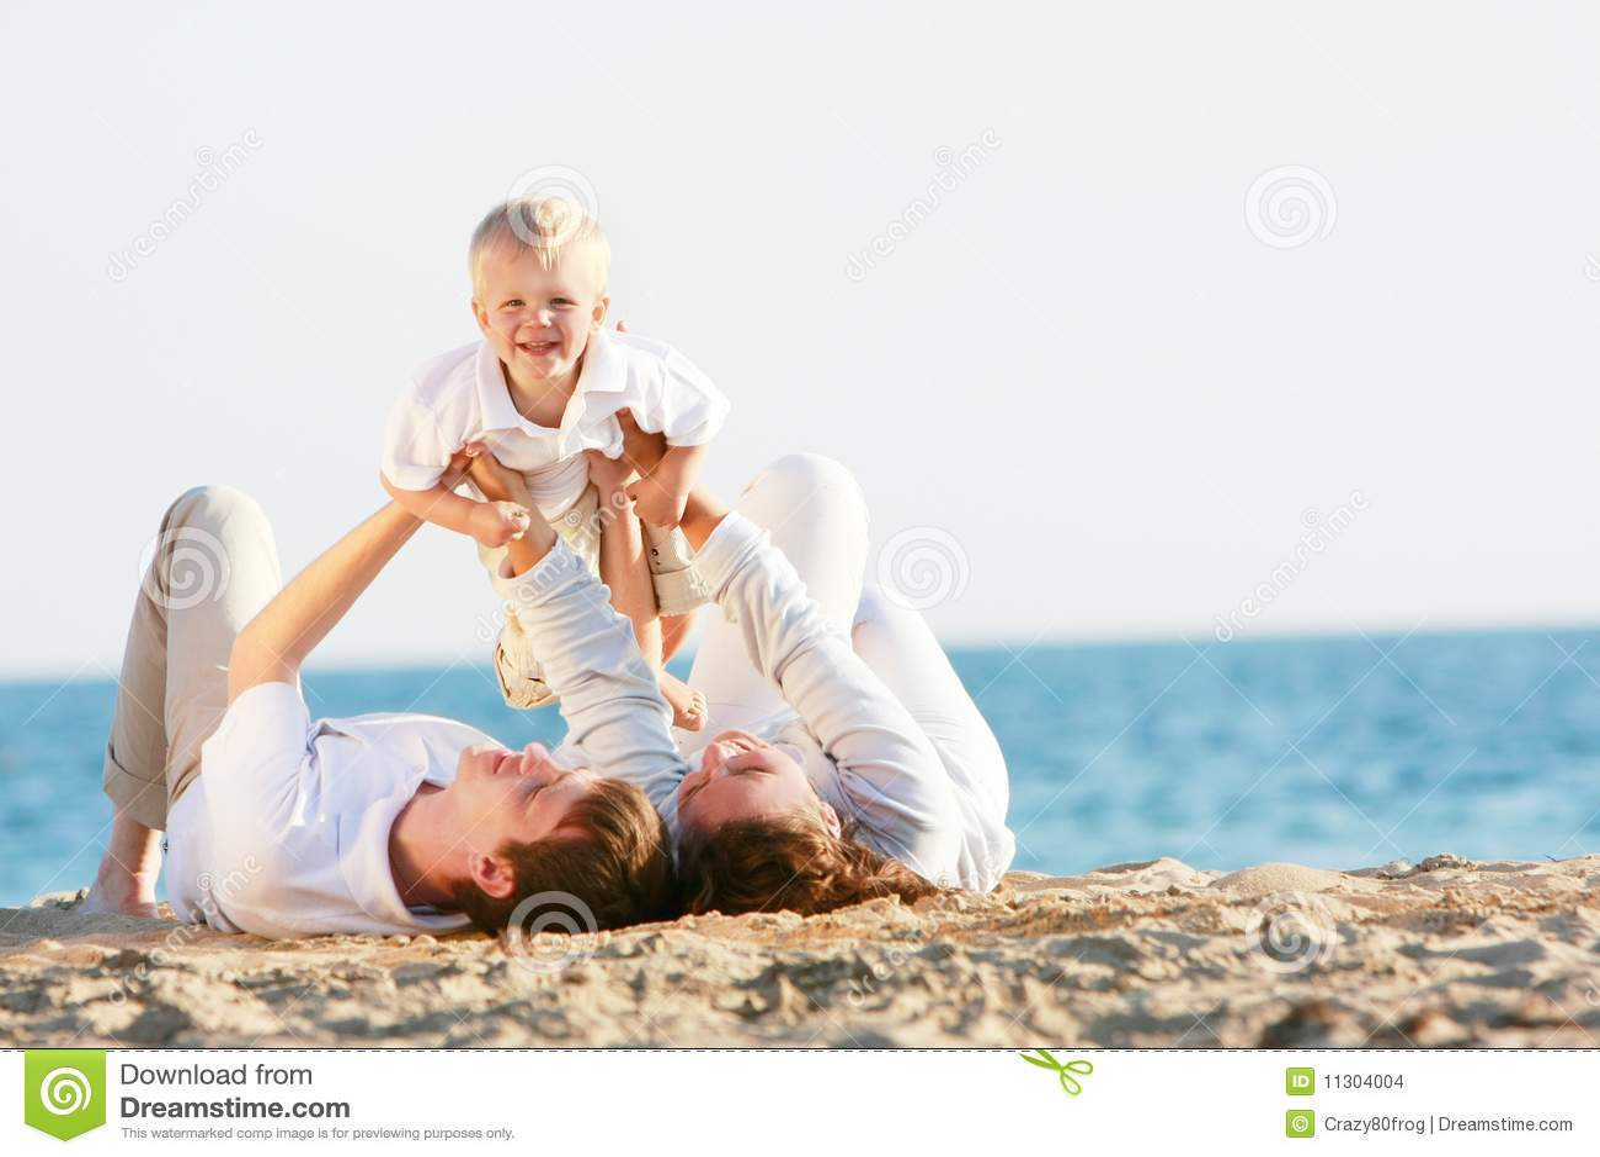 Glückliche Familie auf Strand